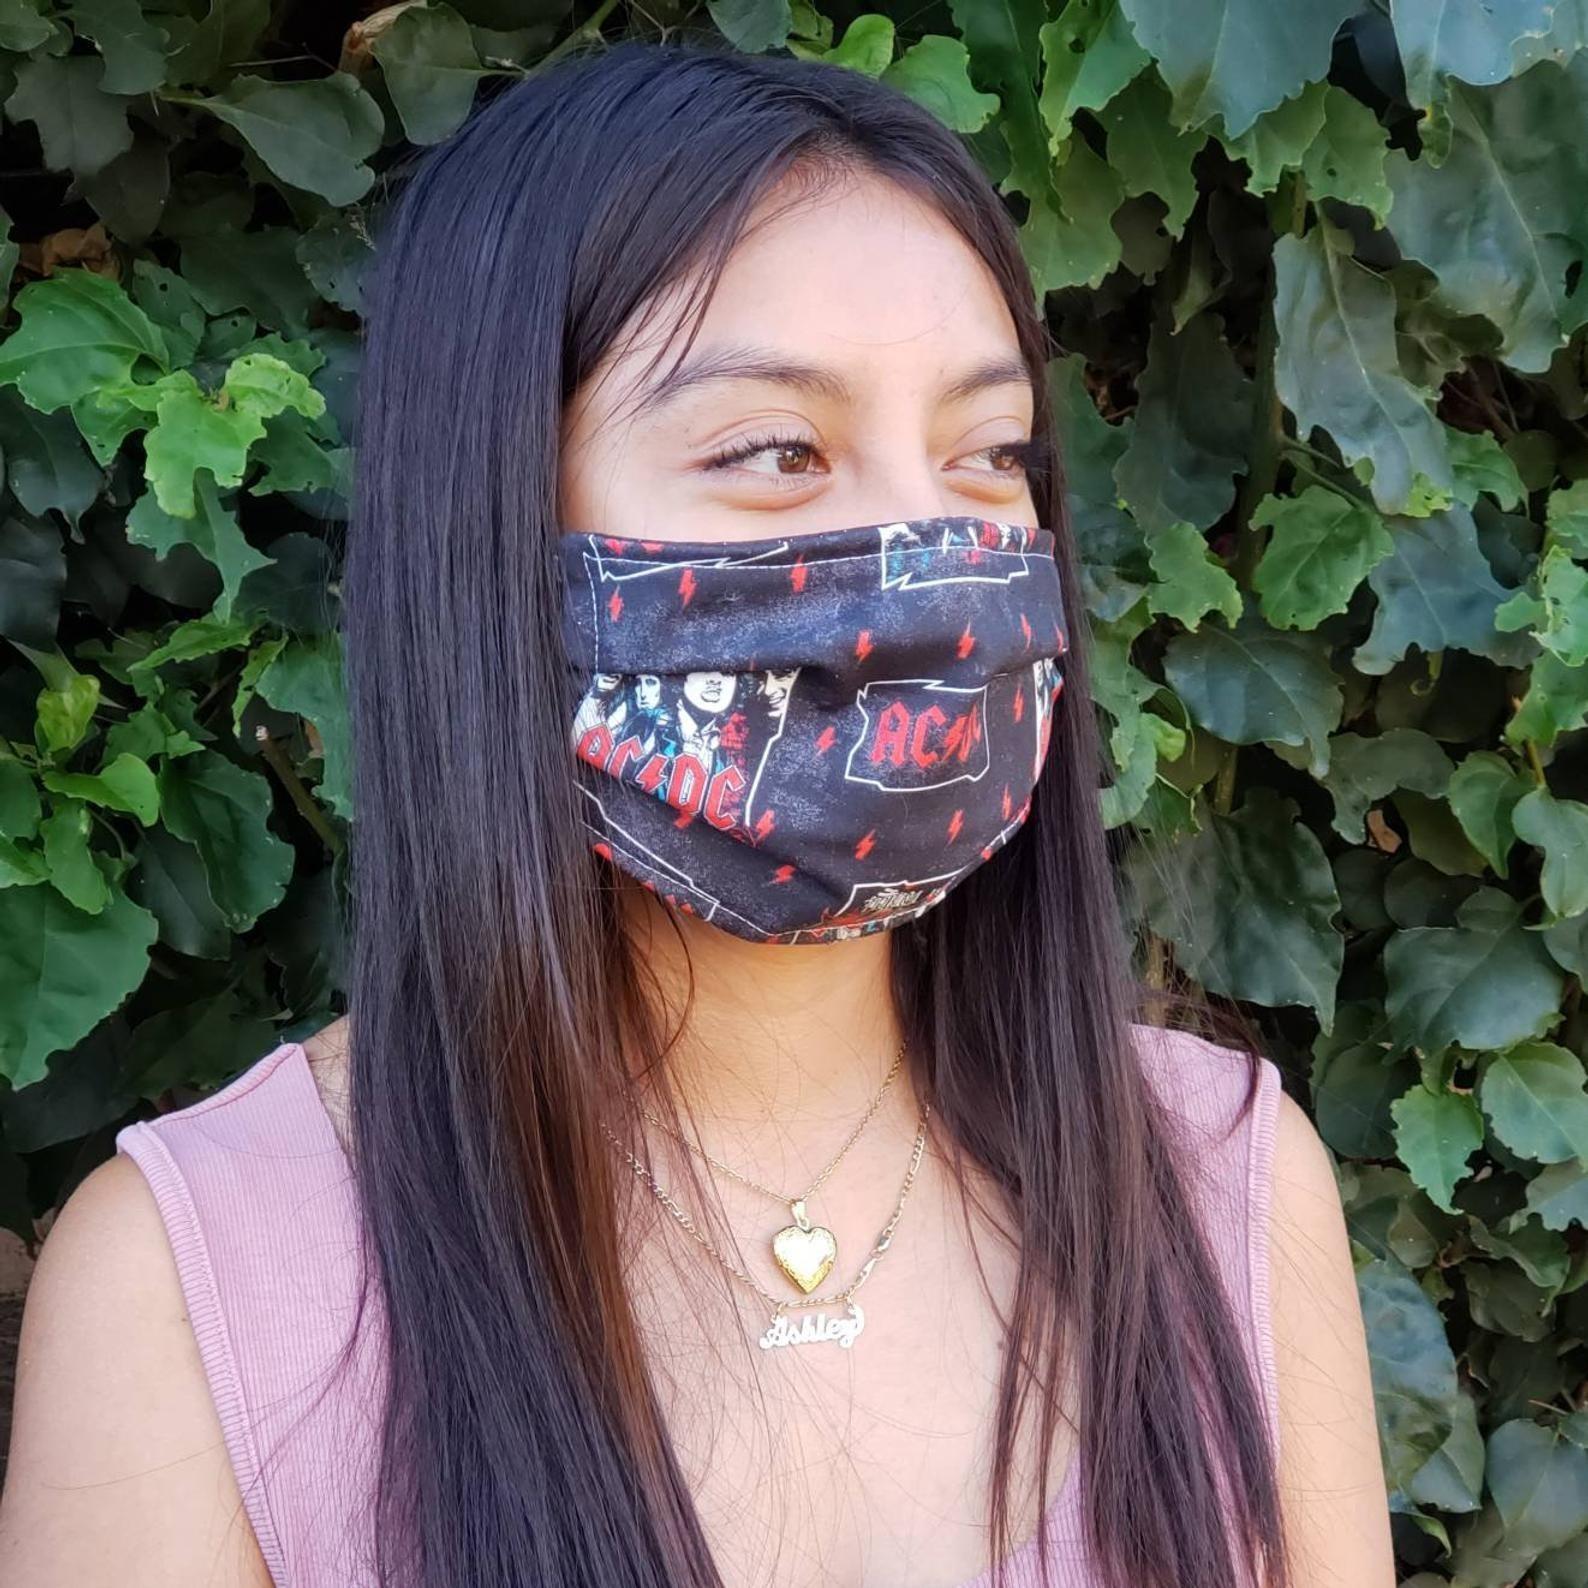 Model in black AC/DC mask